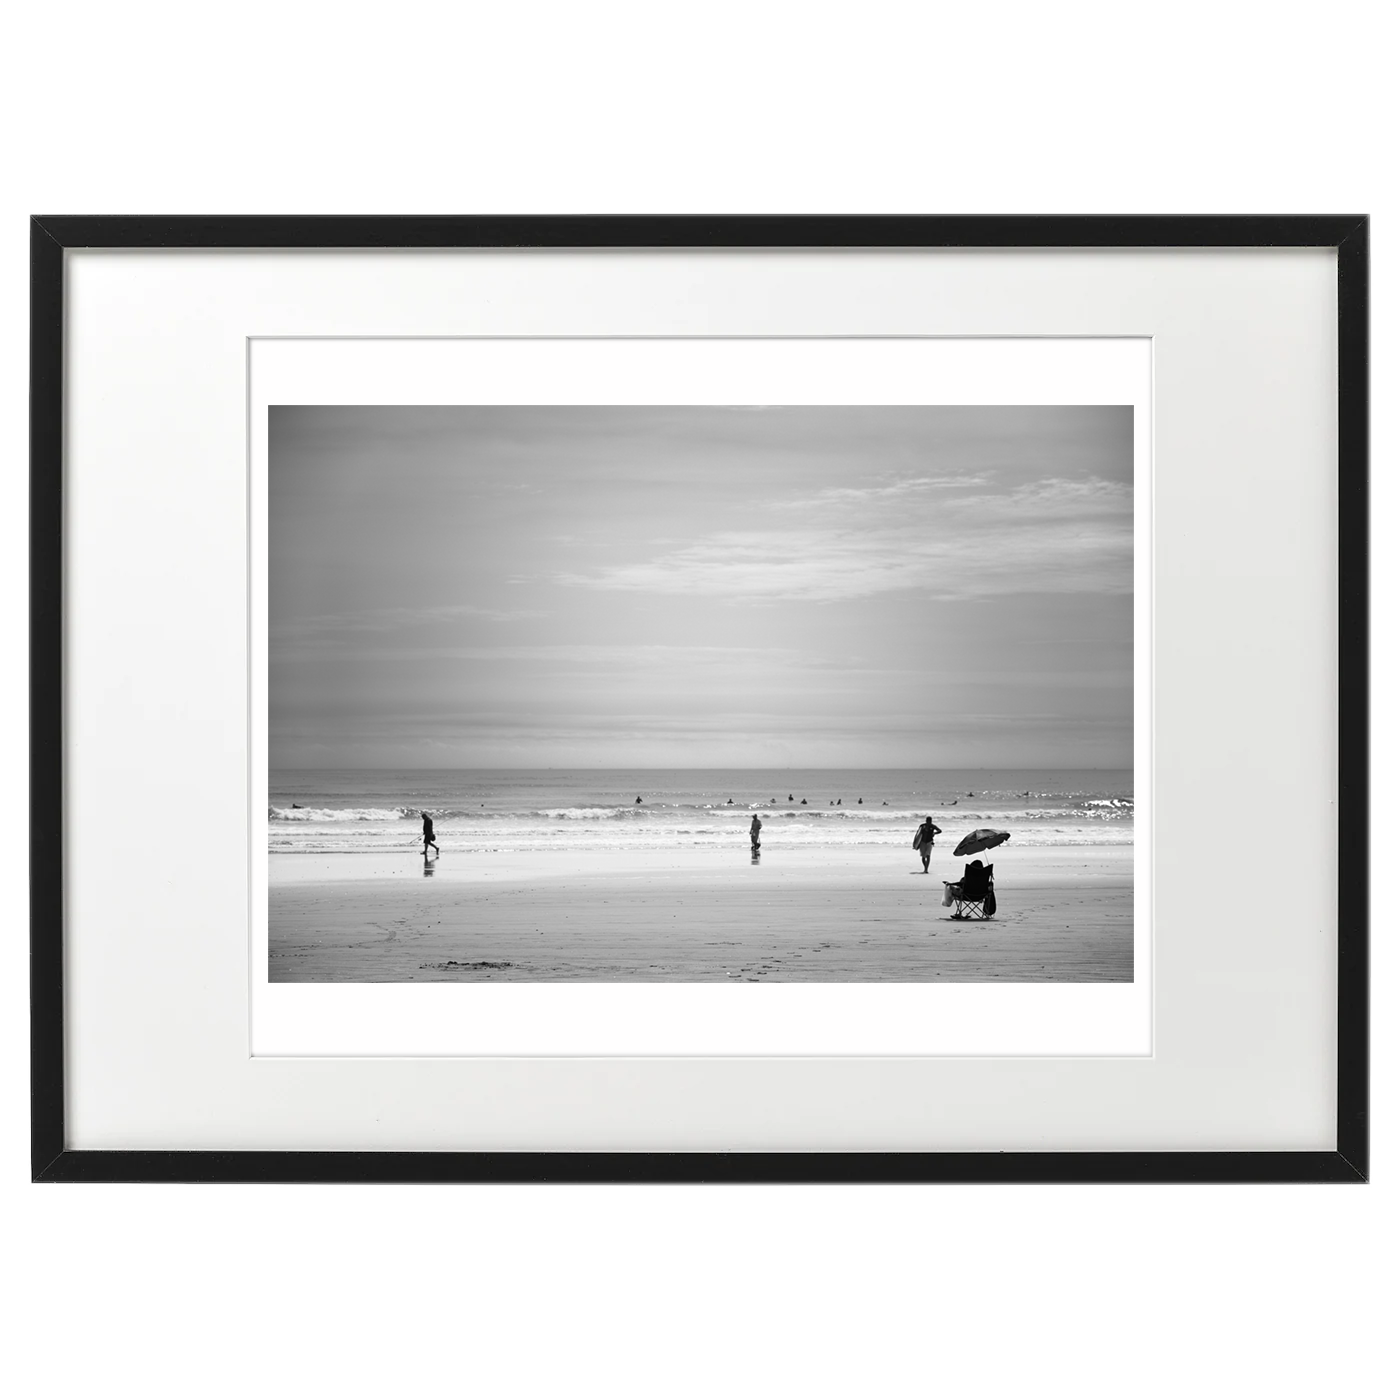 額装いメージ海景 20-008 渚にて / On the beach